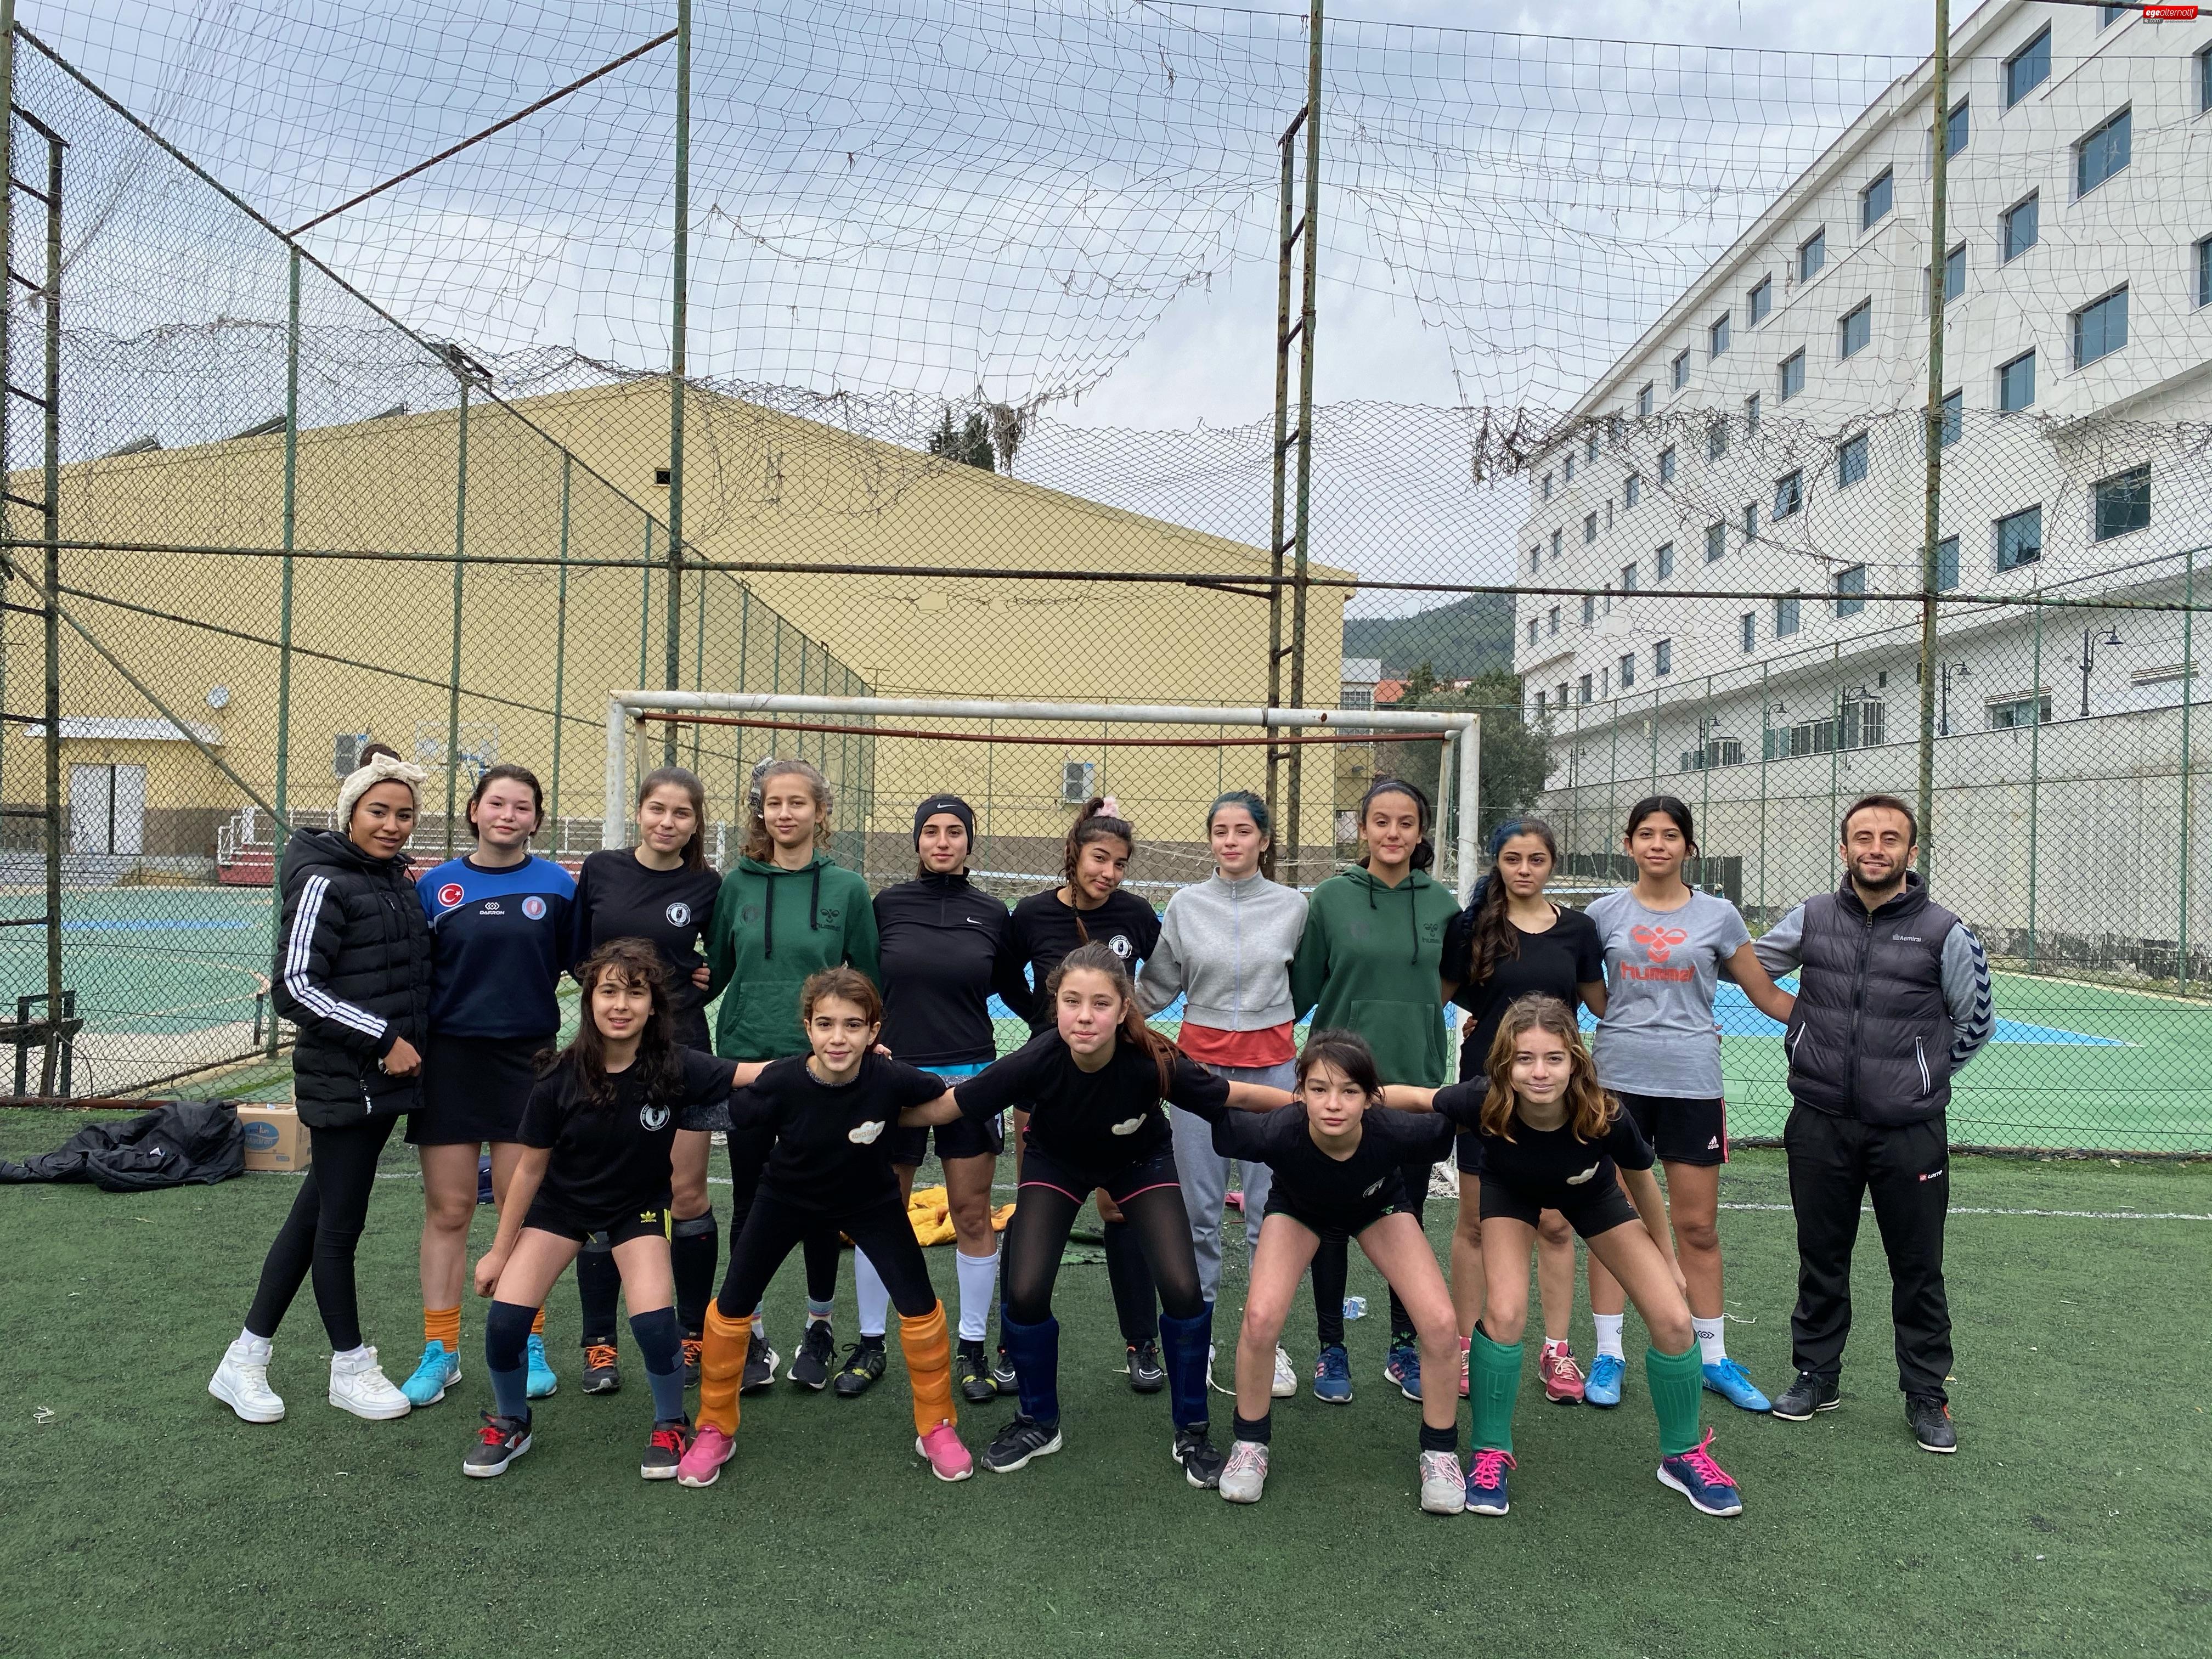 Ege Yıldızları Başkanı Serkan Şen, Spor'da alt yapının önemini vurguladı